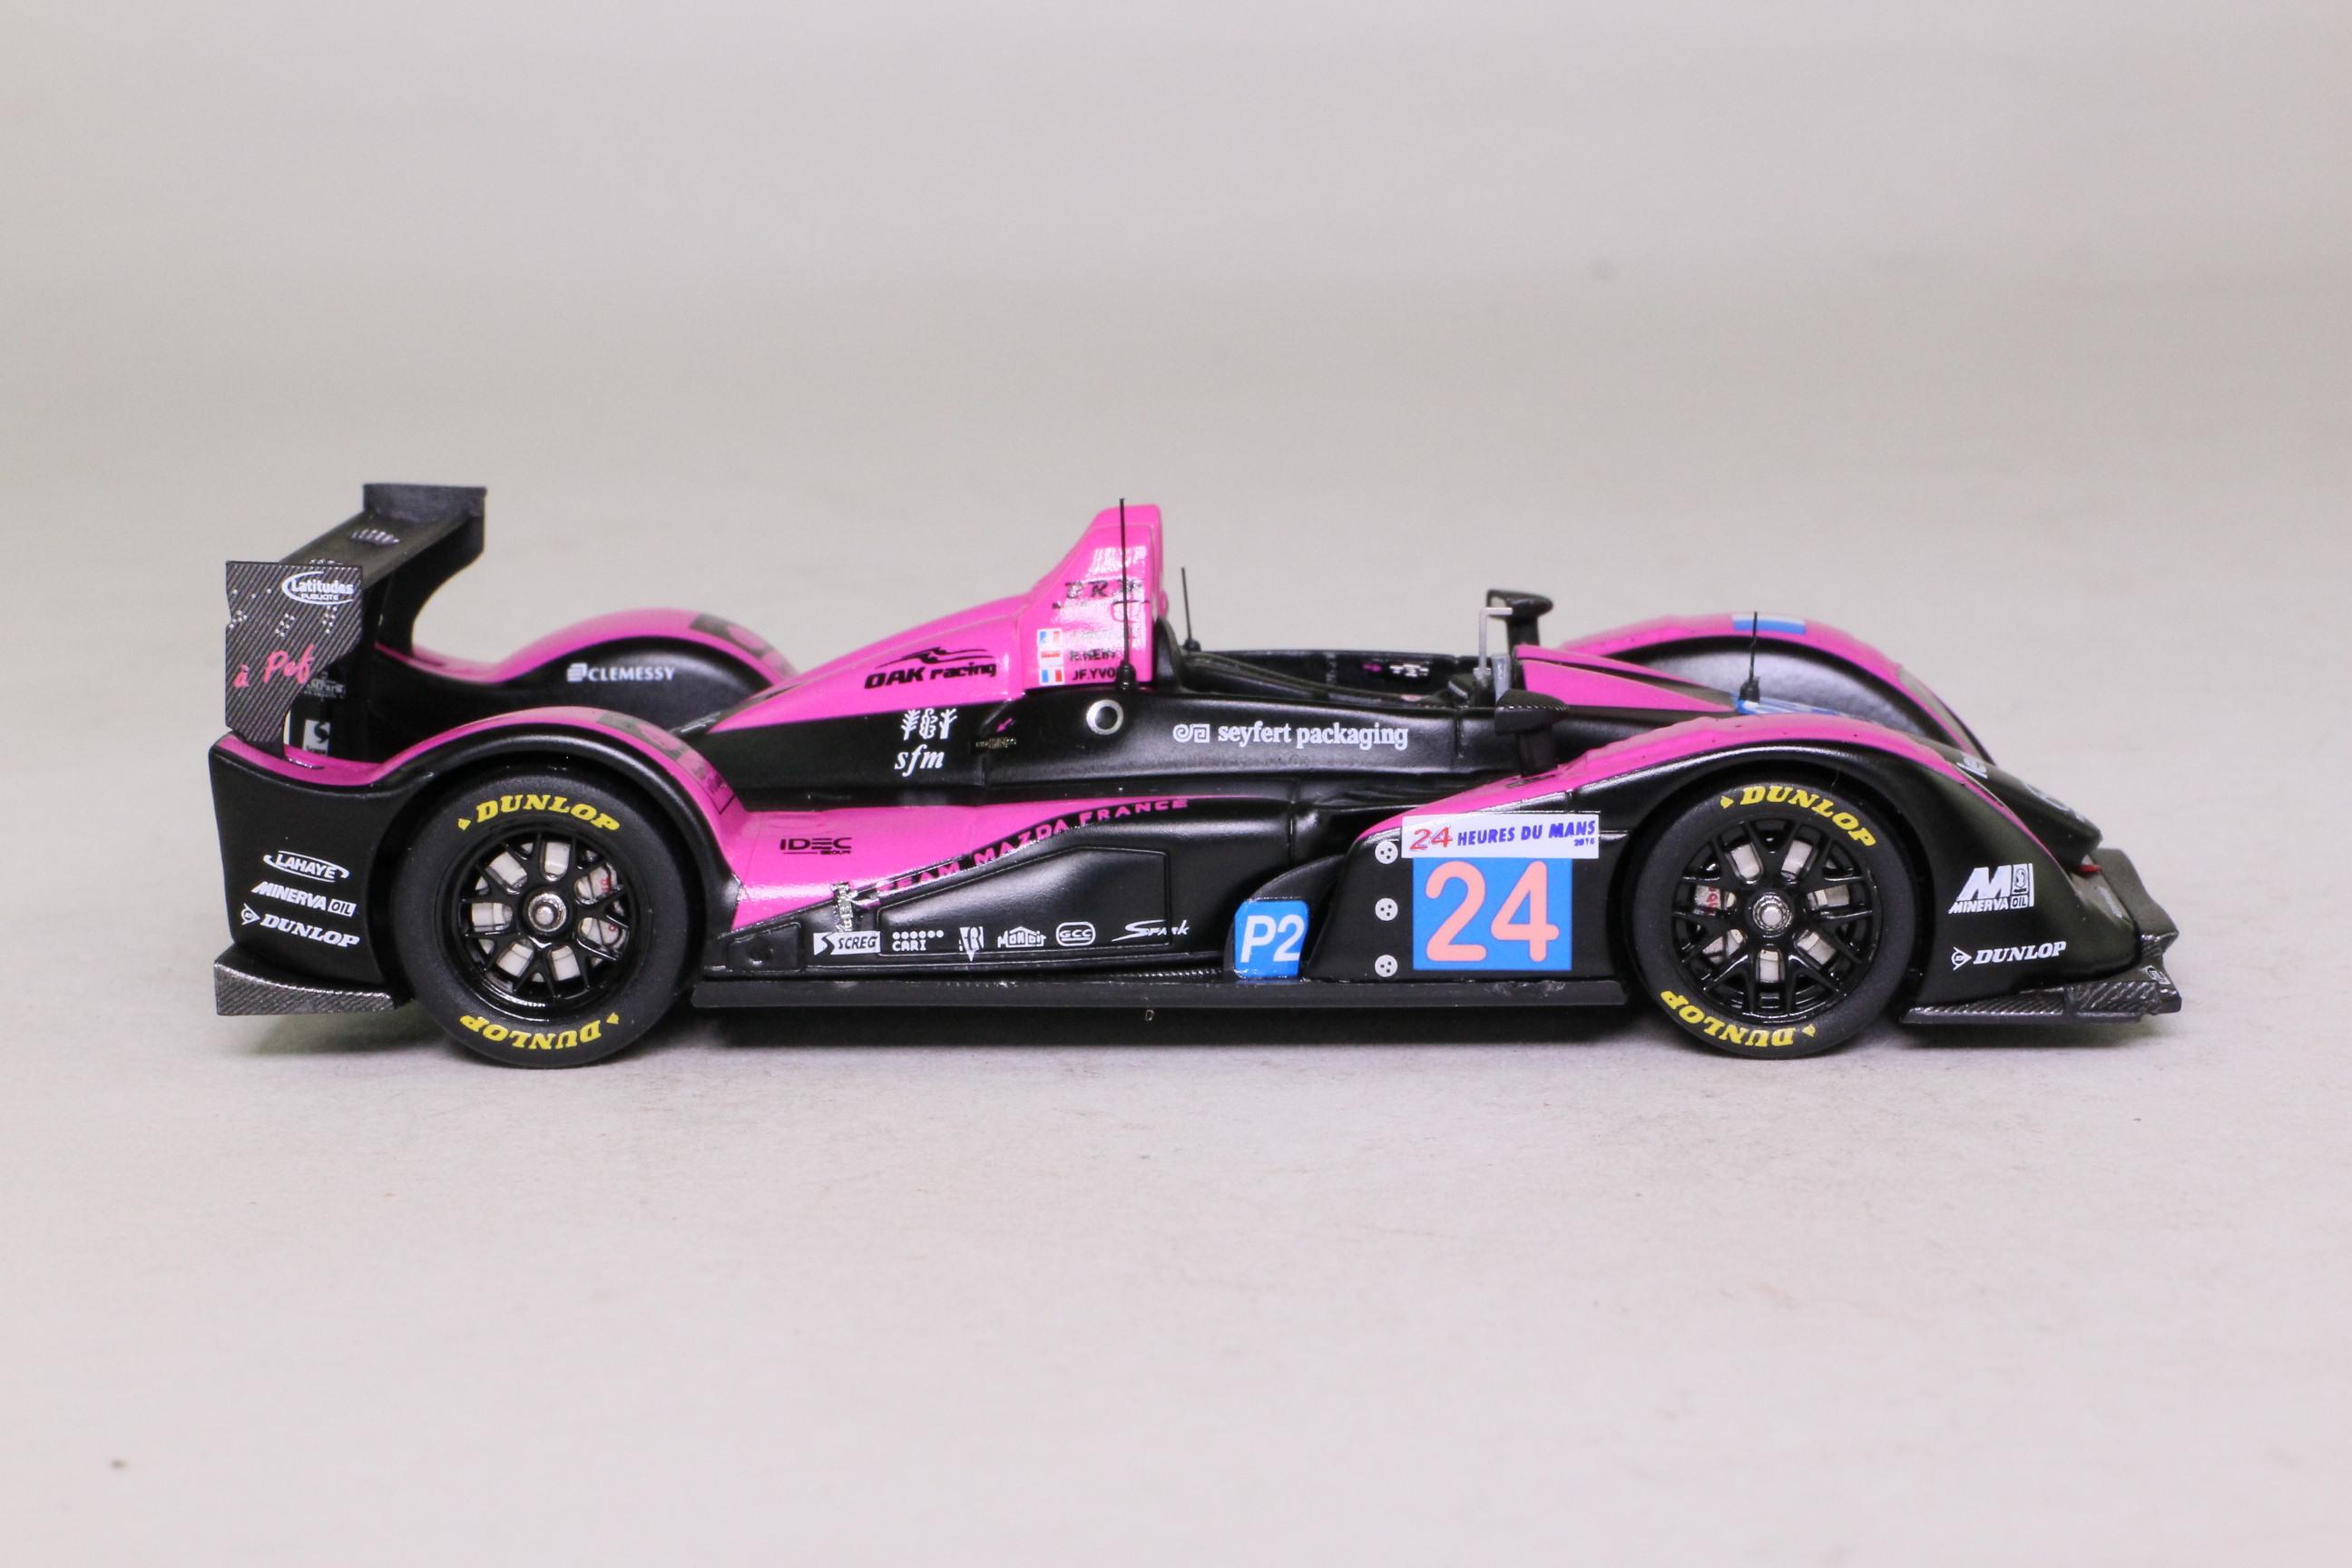 IXO LMM203P; Pescarolo 01; 2010 24h Le Mans 9th; Nicolet, Hein, Yvon; RN24